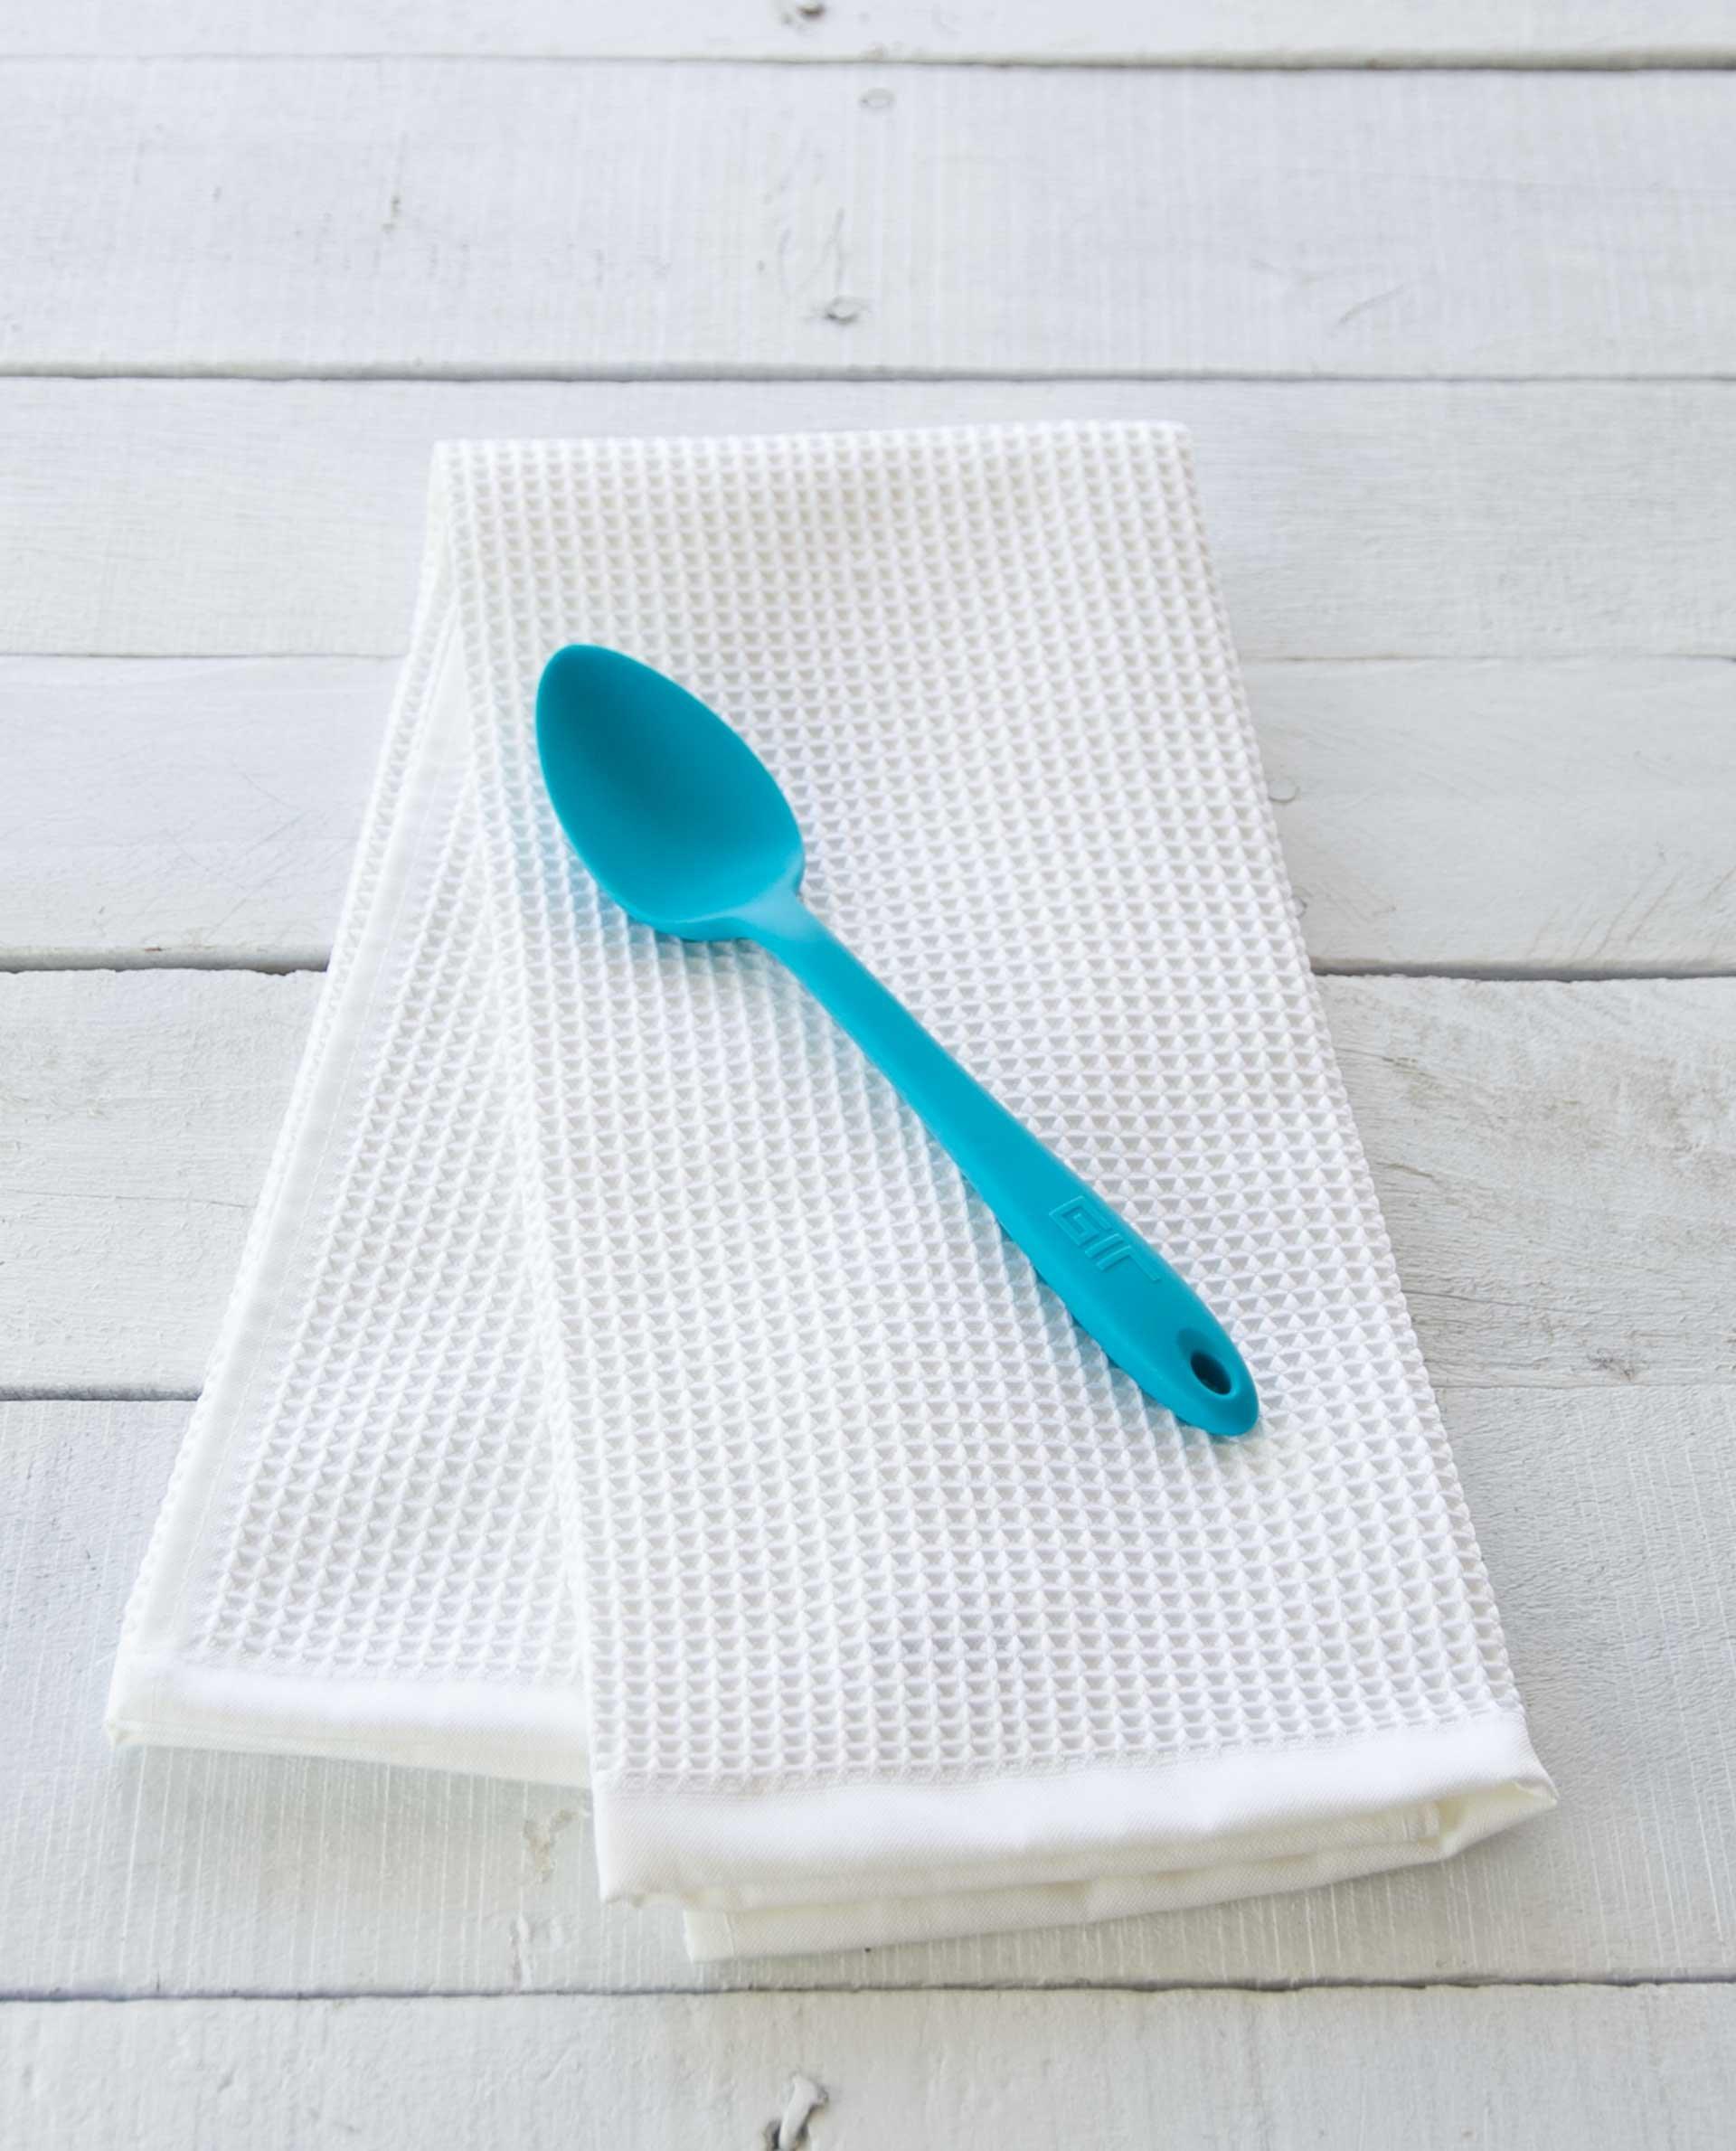 GIR: Get It Right GIRSNM307TEA Premium Silicone Mini Spoon, Mini - 8 IN, Teal